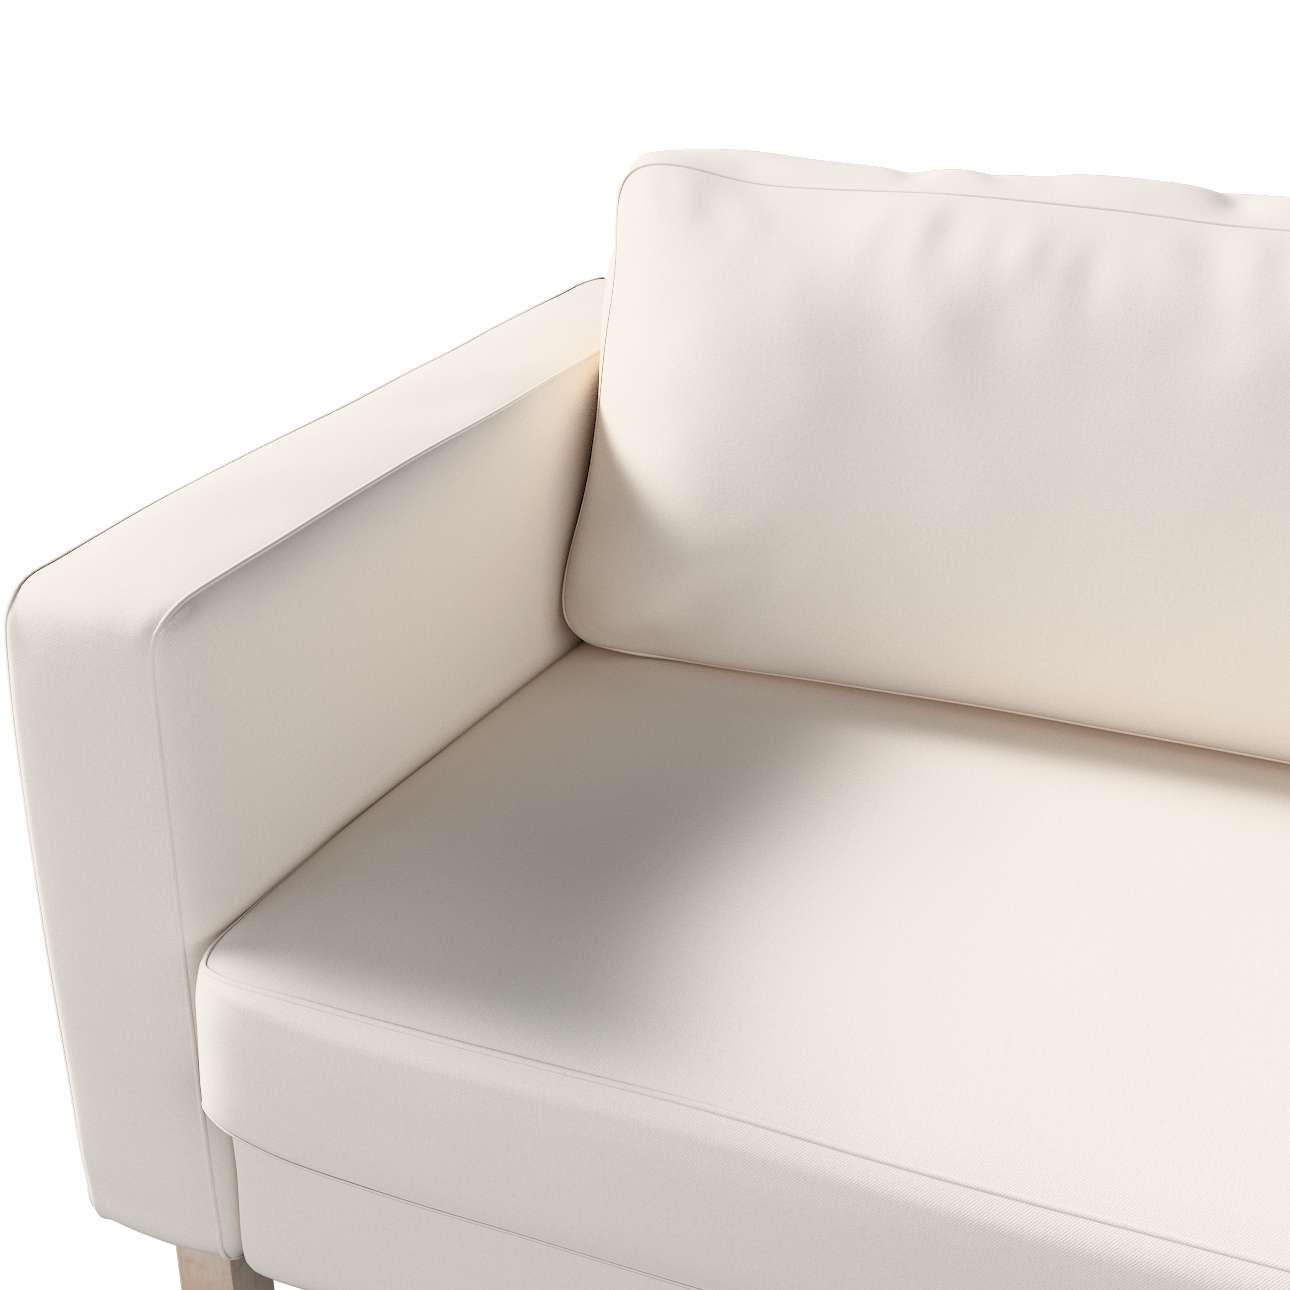 Karlstad 3-Sitzer Sofabezug nicht ausklappbar kurz von der Kollektion Etna, Stoff: 705-01